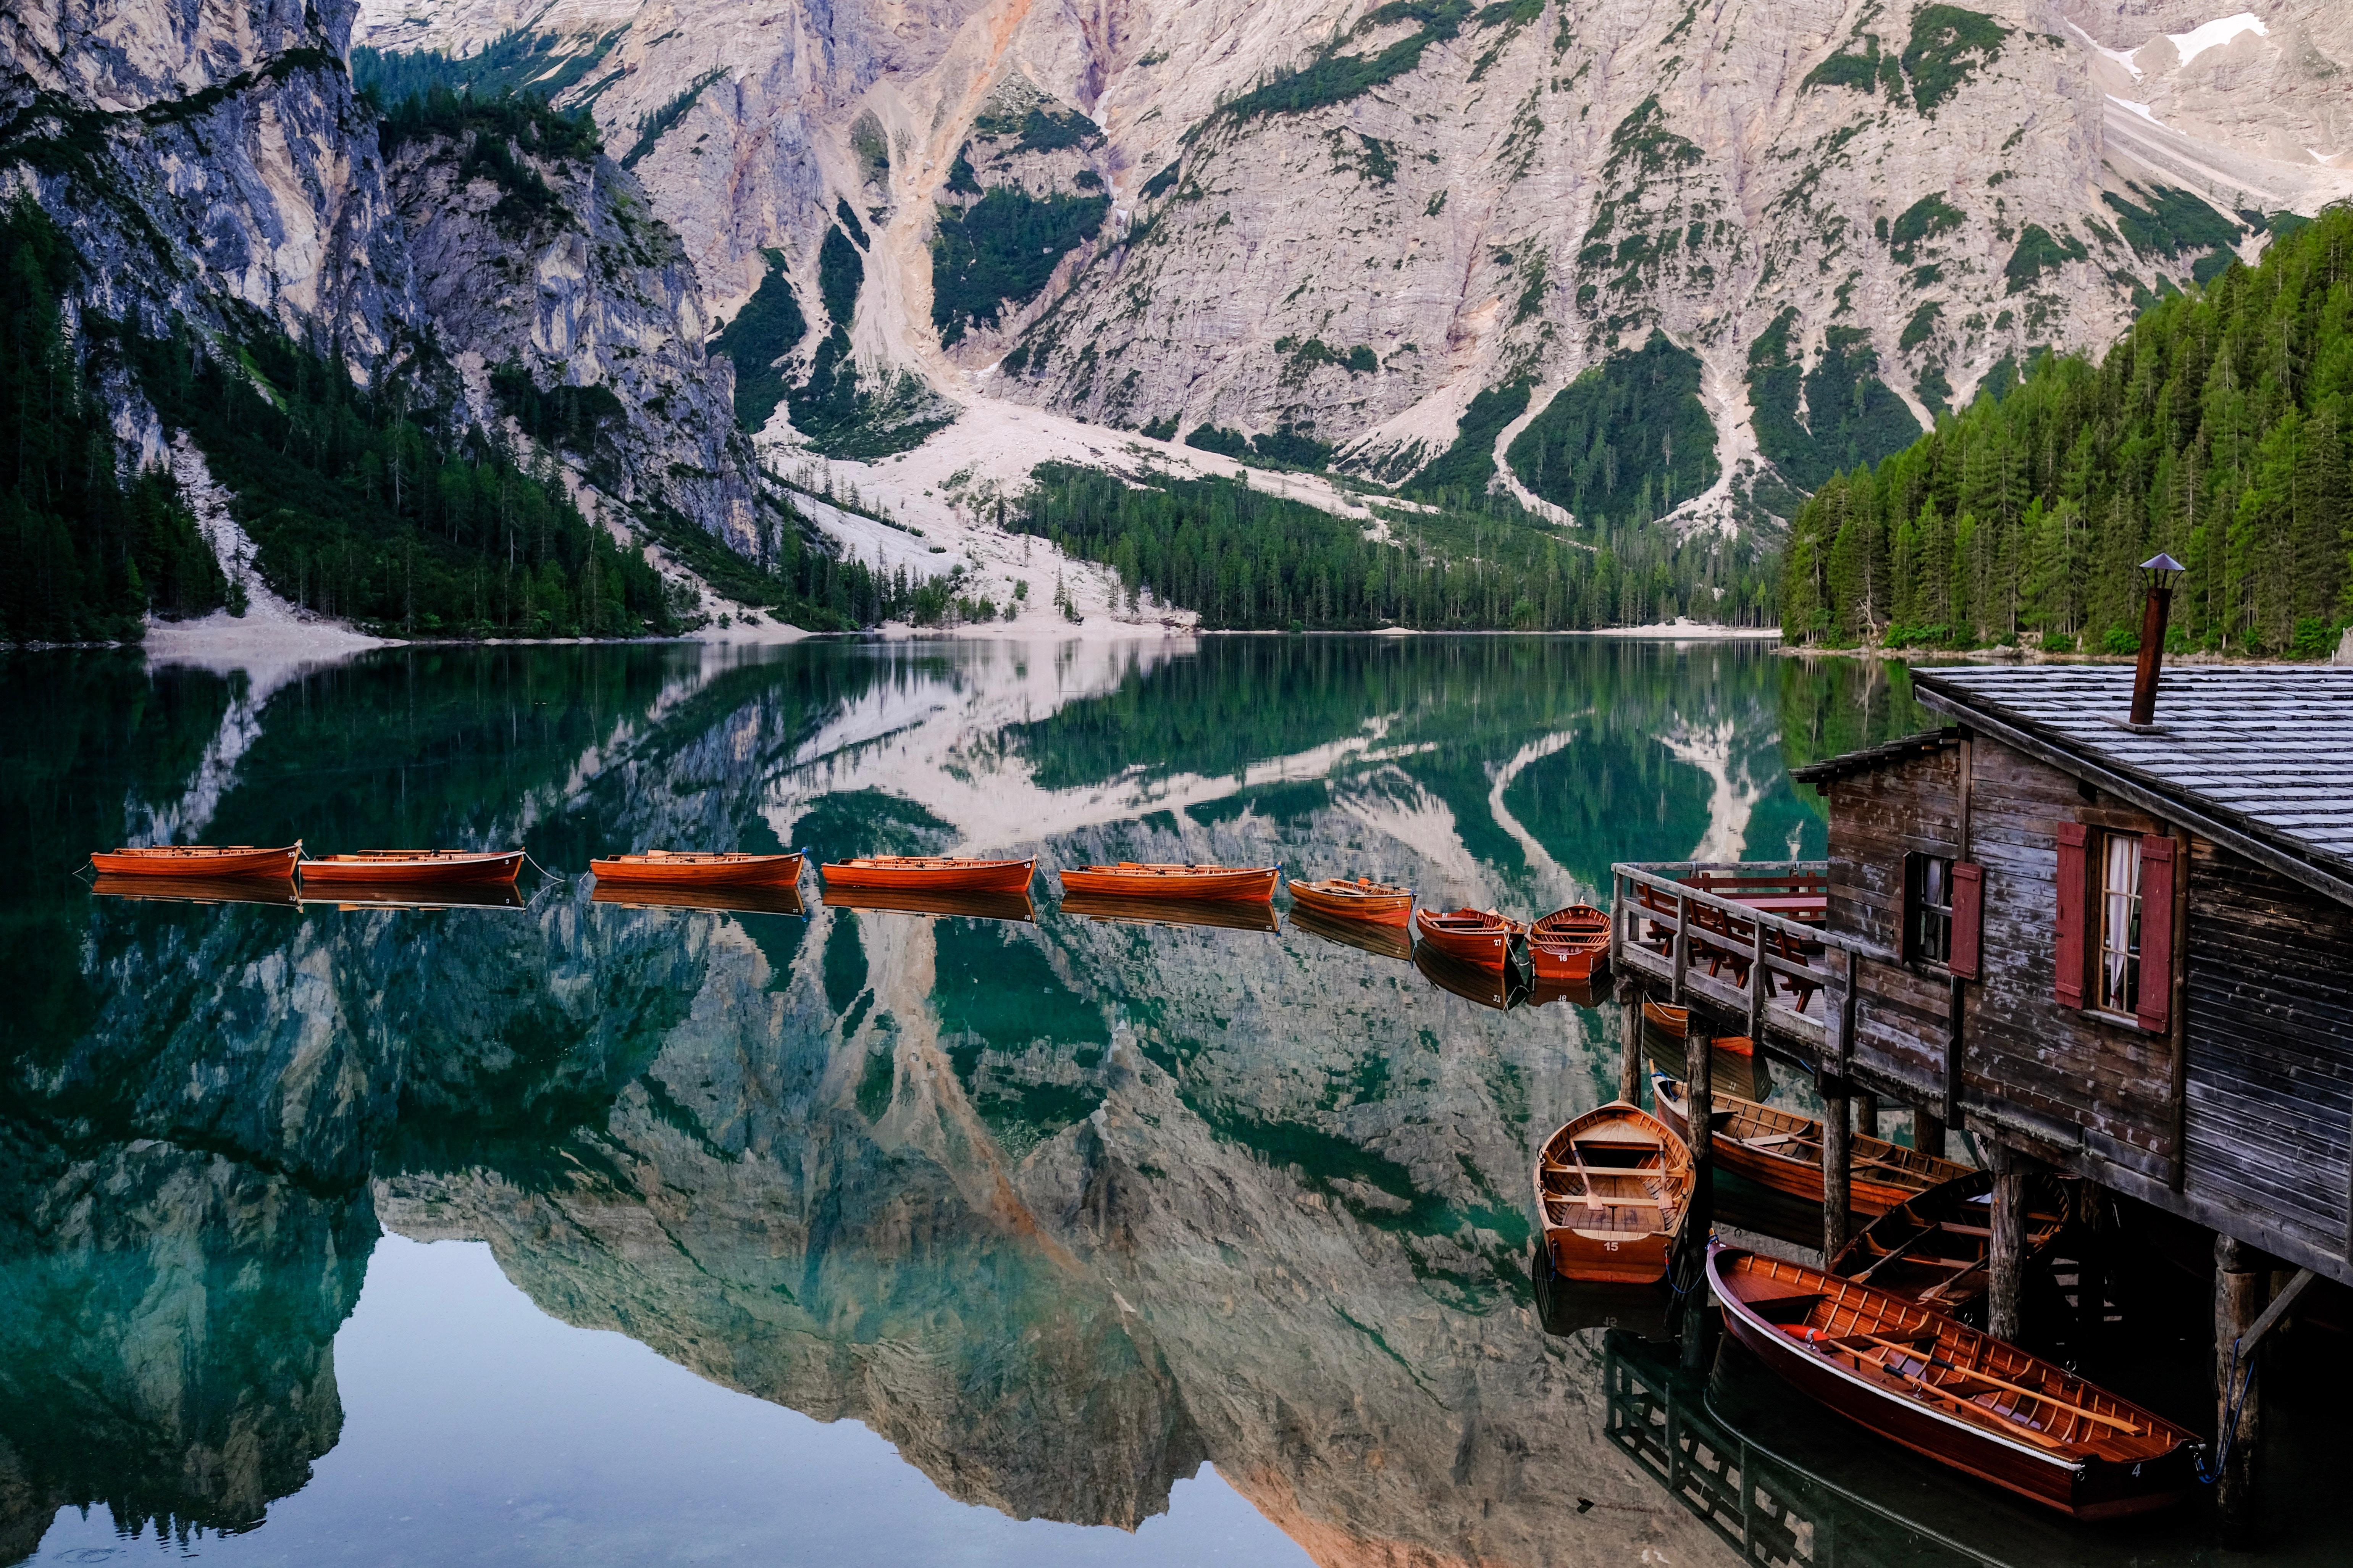 94984 Заставки и Обои Лодки на телефон. Скачать Природа, Озеро, Пирс, Лодки, Горы, Пейзаж картинки бесплатно